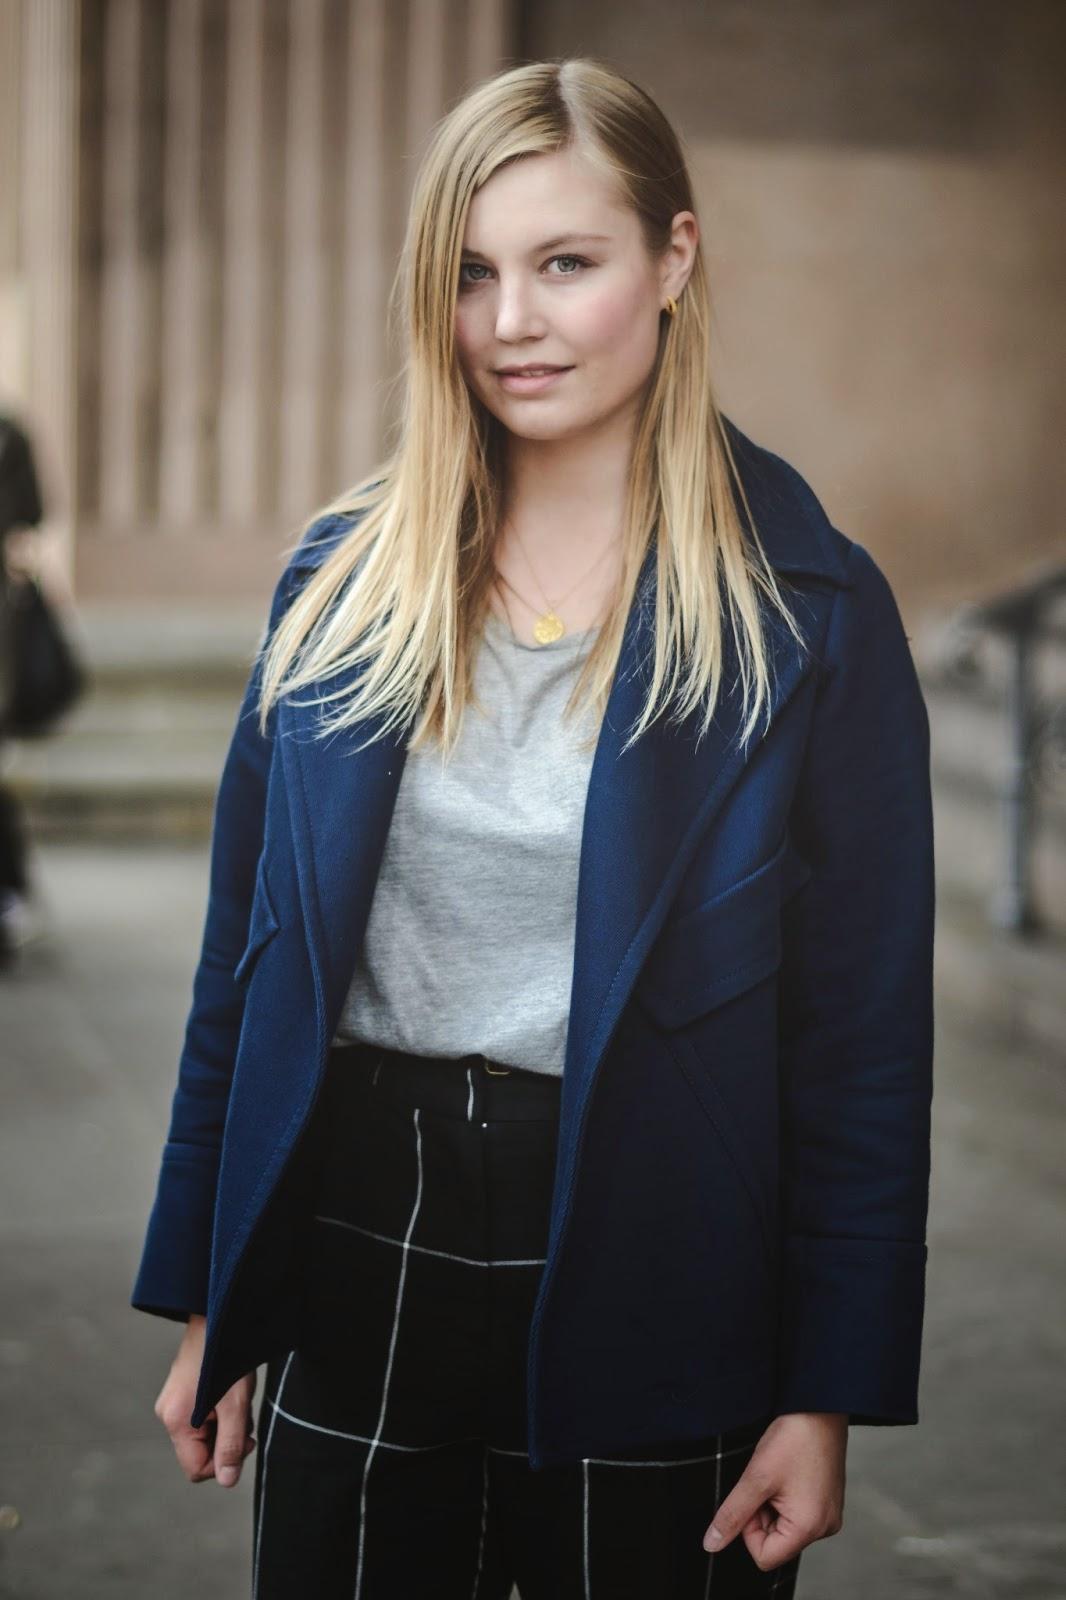 modeblogger københavn